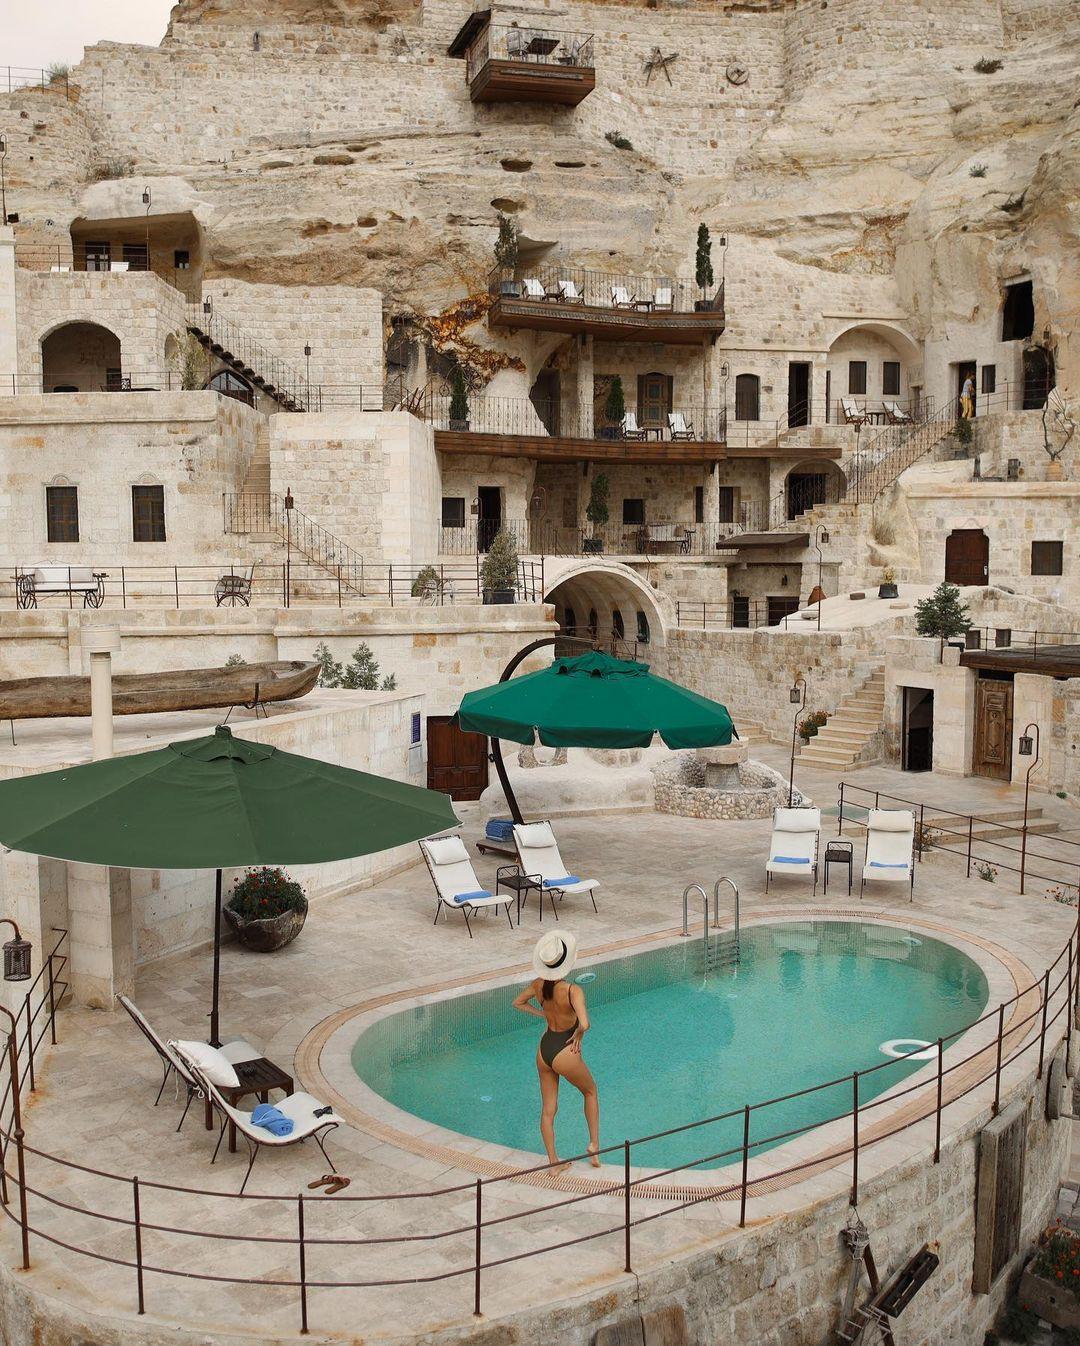 Khách sạn hang đá ở Thổ Nhĩ Kỳ 'sang chảnh' không kém resort nổi tiếng - 7